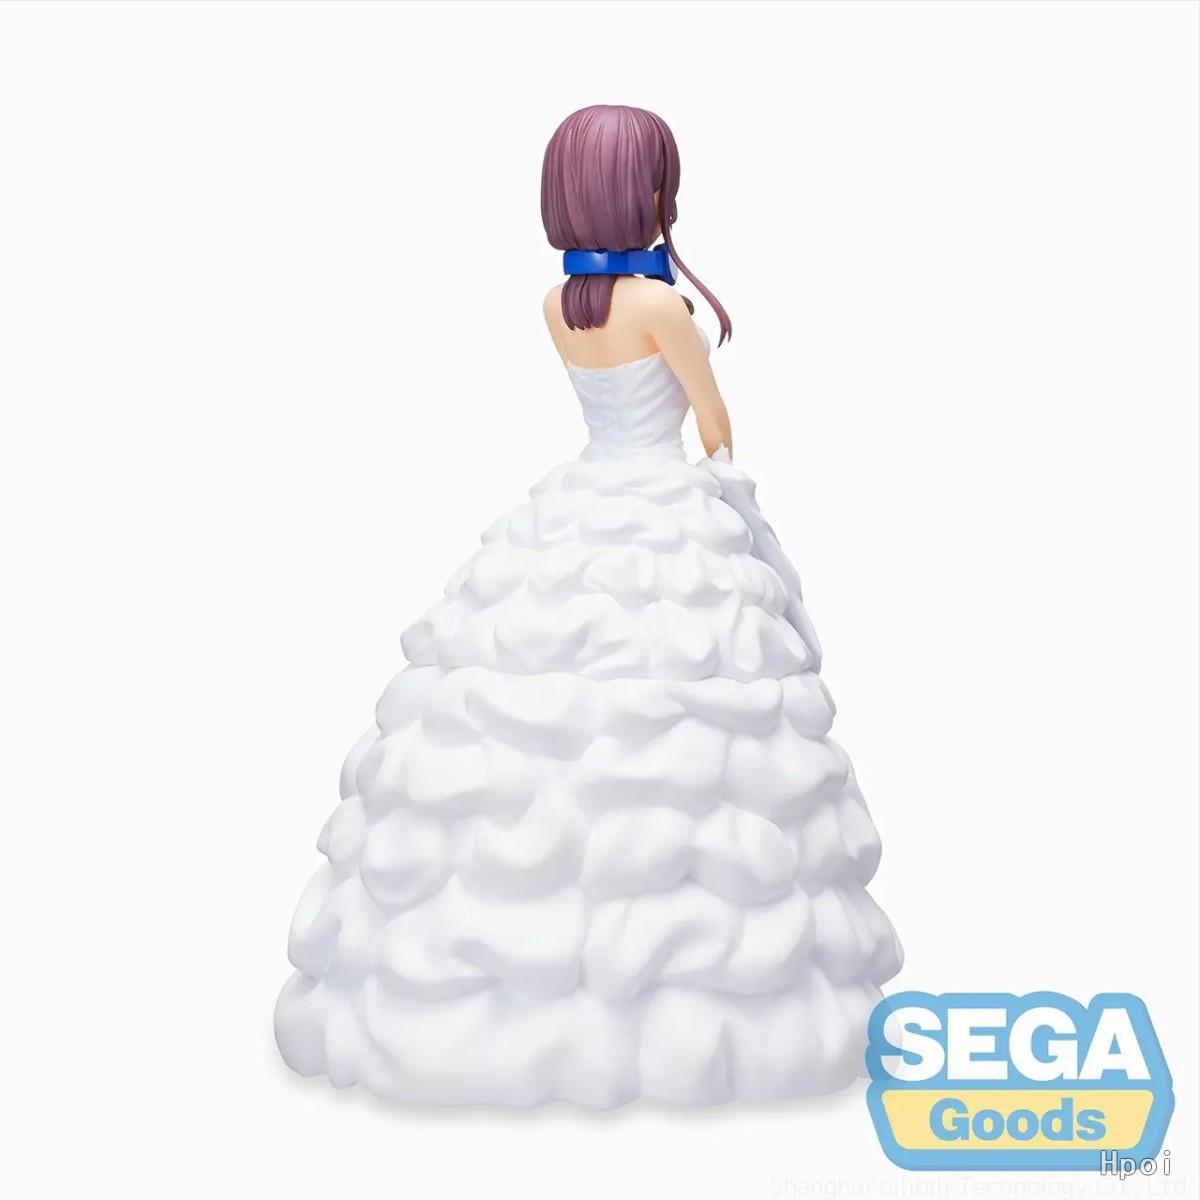 五等分的新娘∬  中野三玖